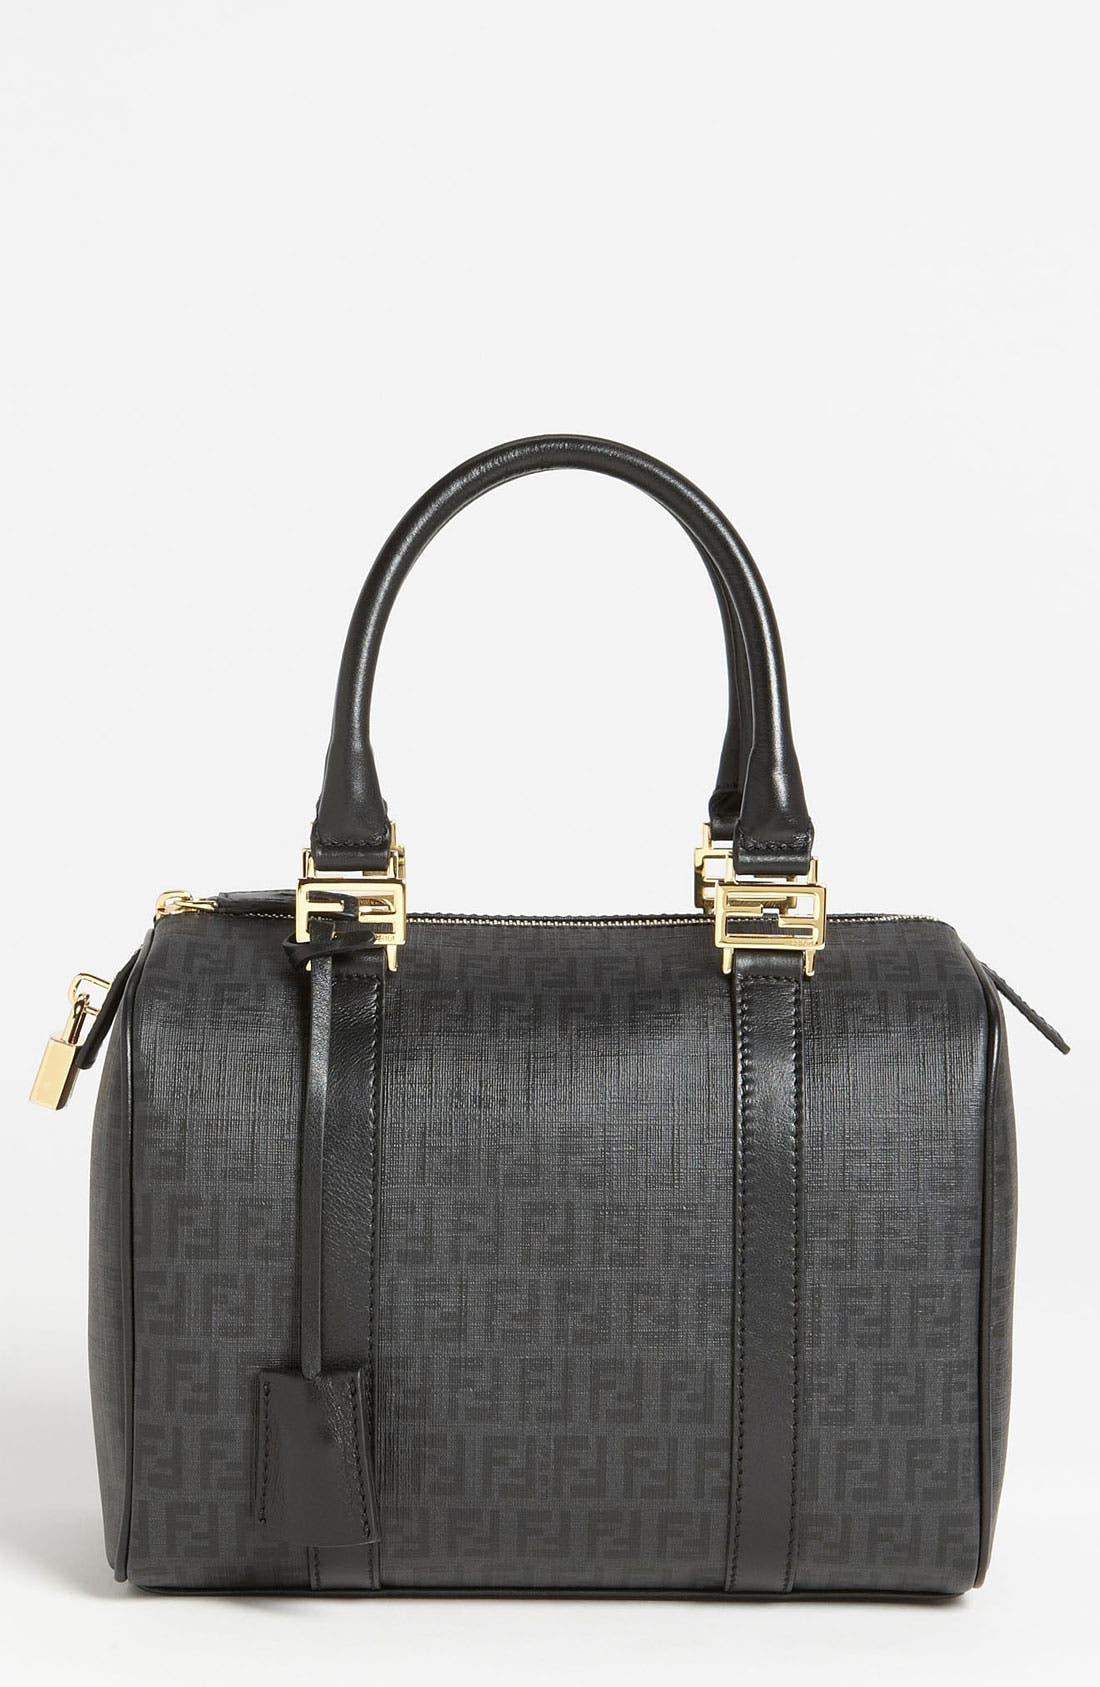 Alternate Image 1 Selected - Fendi 'Forever - Small' Boston Bag